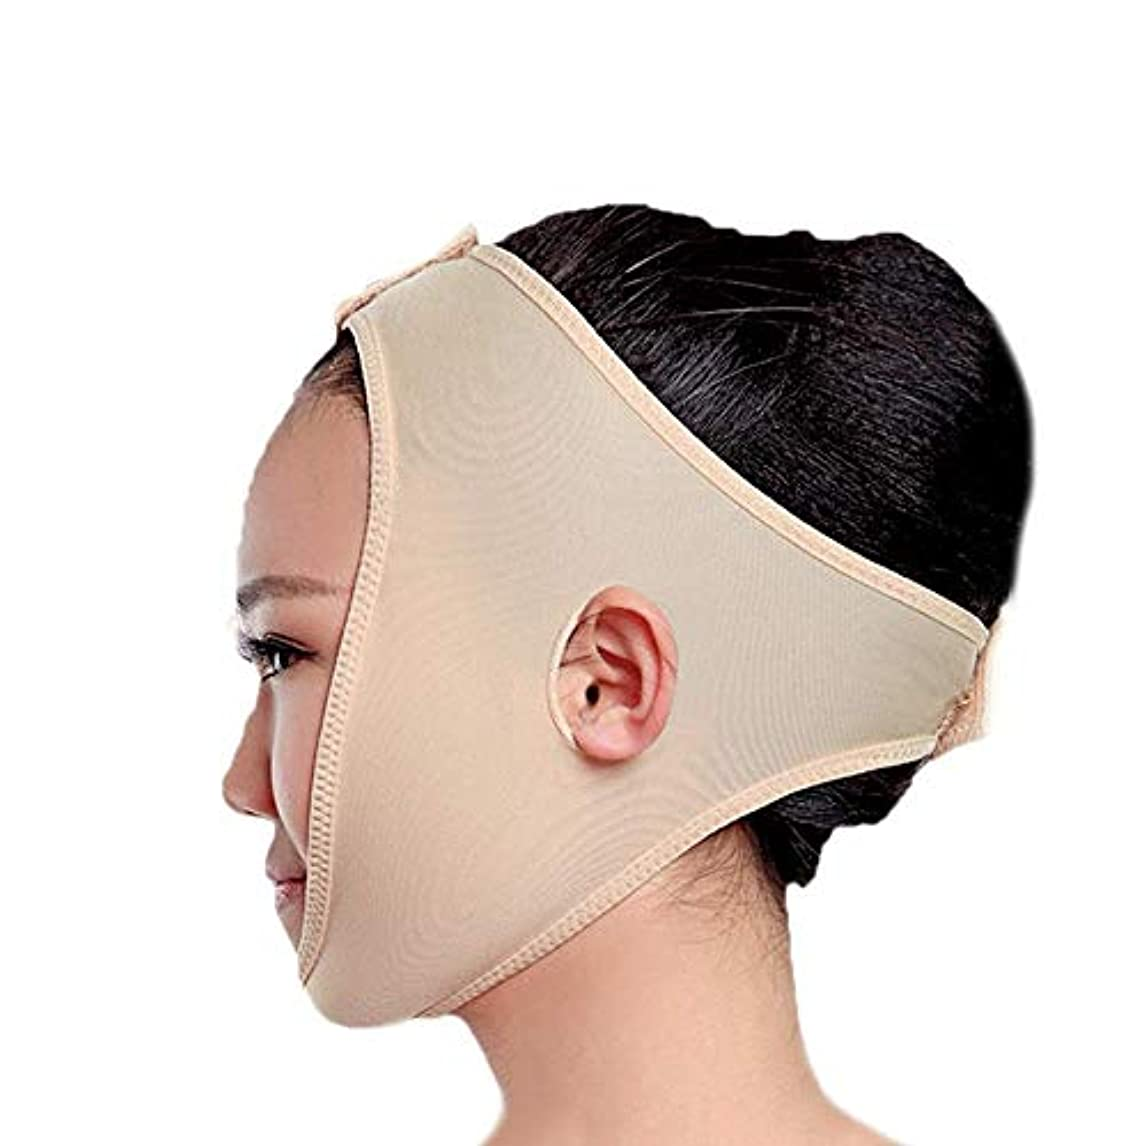 サイクル規範頼むフェイススリミングマスク、快適さと通気性、フェイシャルリフティング、輪郭の改善された硬さ、ファーミングとリフティングフェイス(カラー:ブラック、サイズ:XL),黄色がかったピンク2、XXL